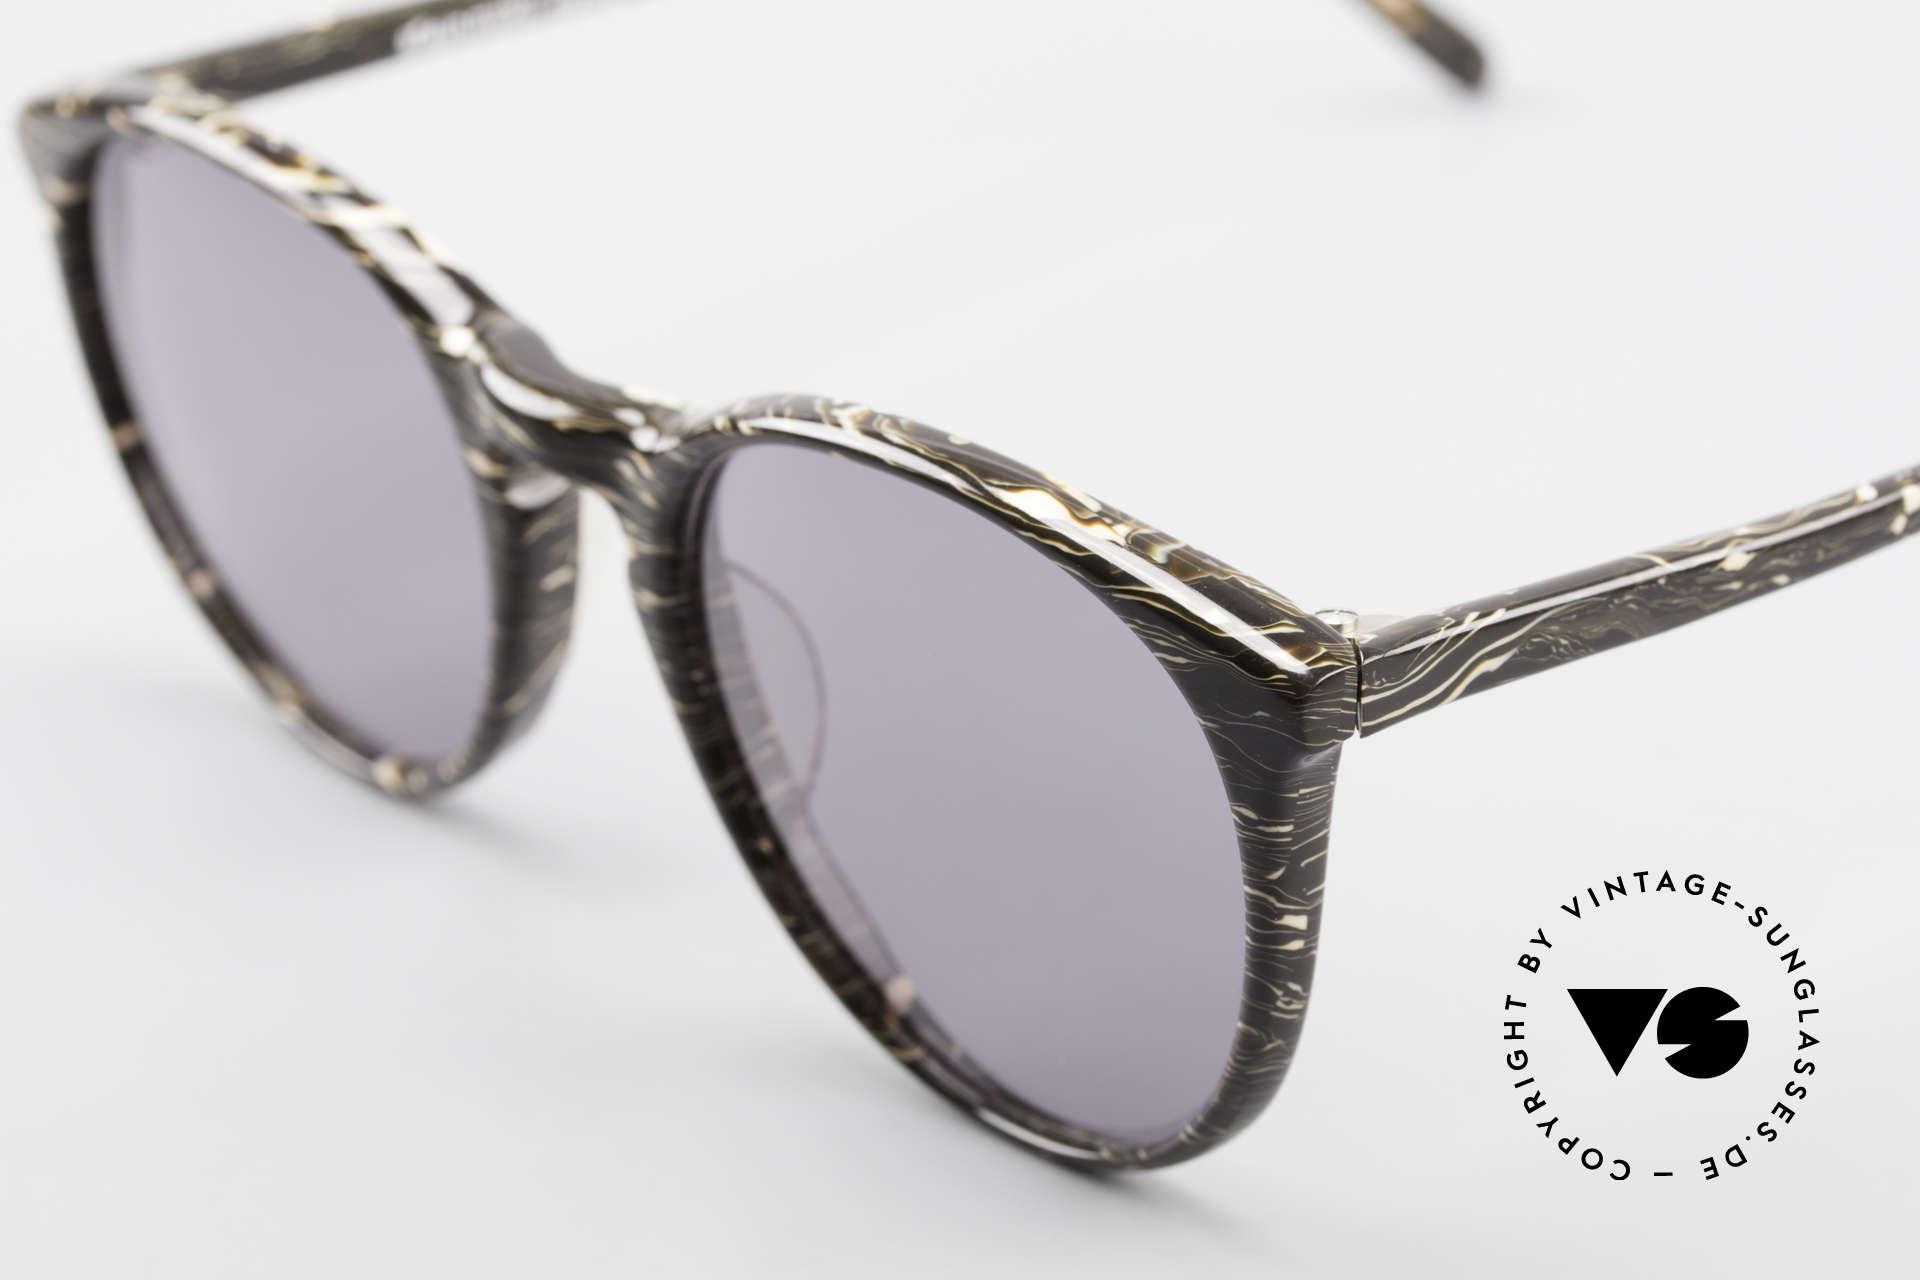 Alain Mikli 901 / 429 Panto Brille Braun Marmoriert, graue Gläser (100% UV); in SMALL Größe (123mm)!, Passend für Herren und Damen